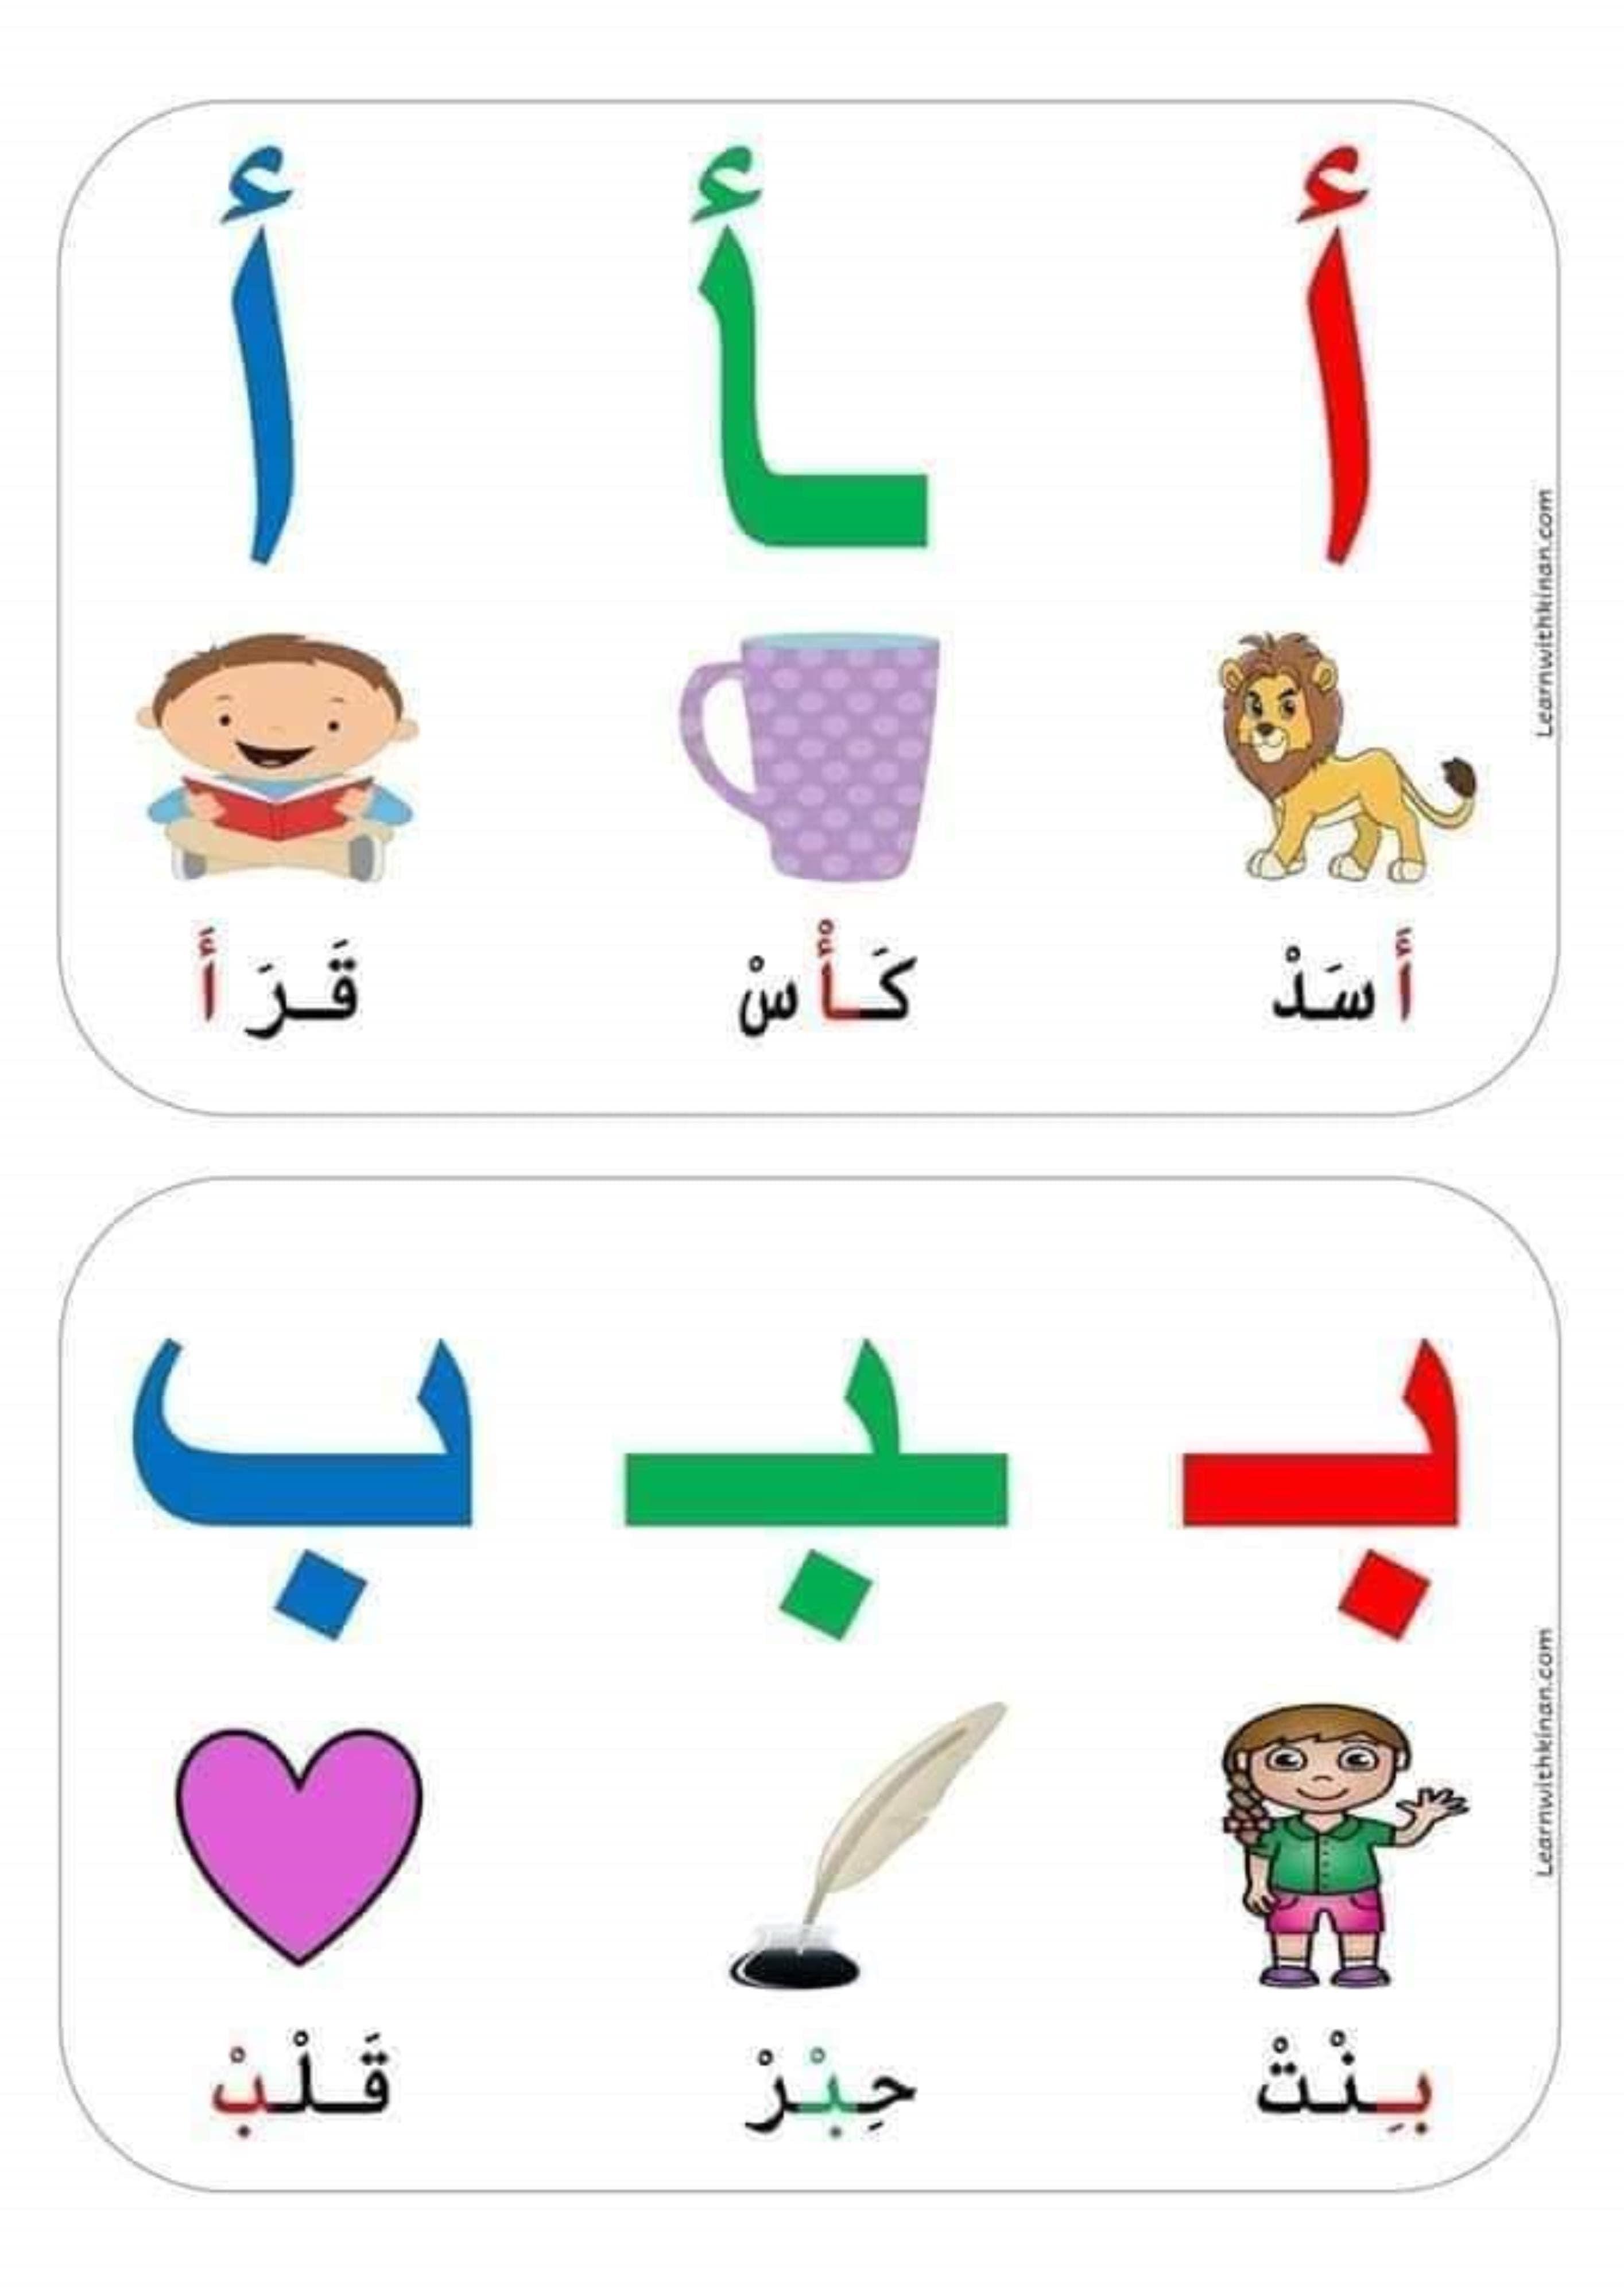 مواضع الحروف الهجائية في اول الكلمة و وسط الكلمة و اخر الكلمة المعلمة أسماء Arabic Alphabet Arabic Alphabet Letters Arabic Alphabet For Kids